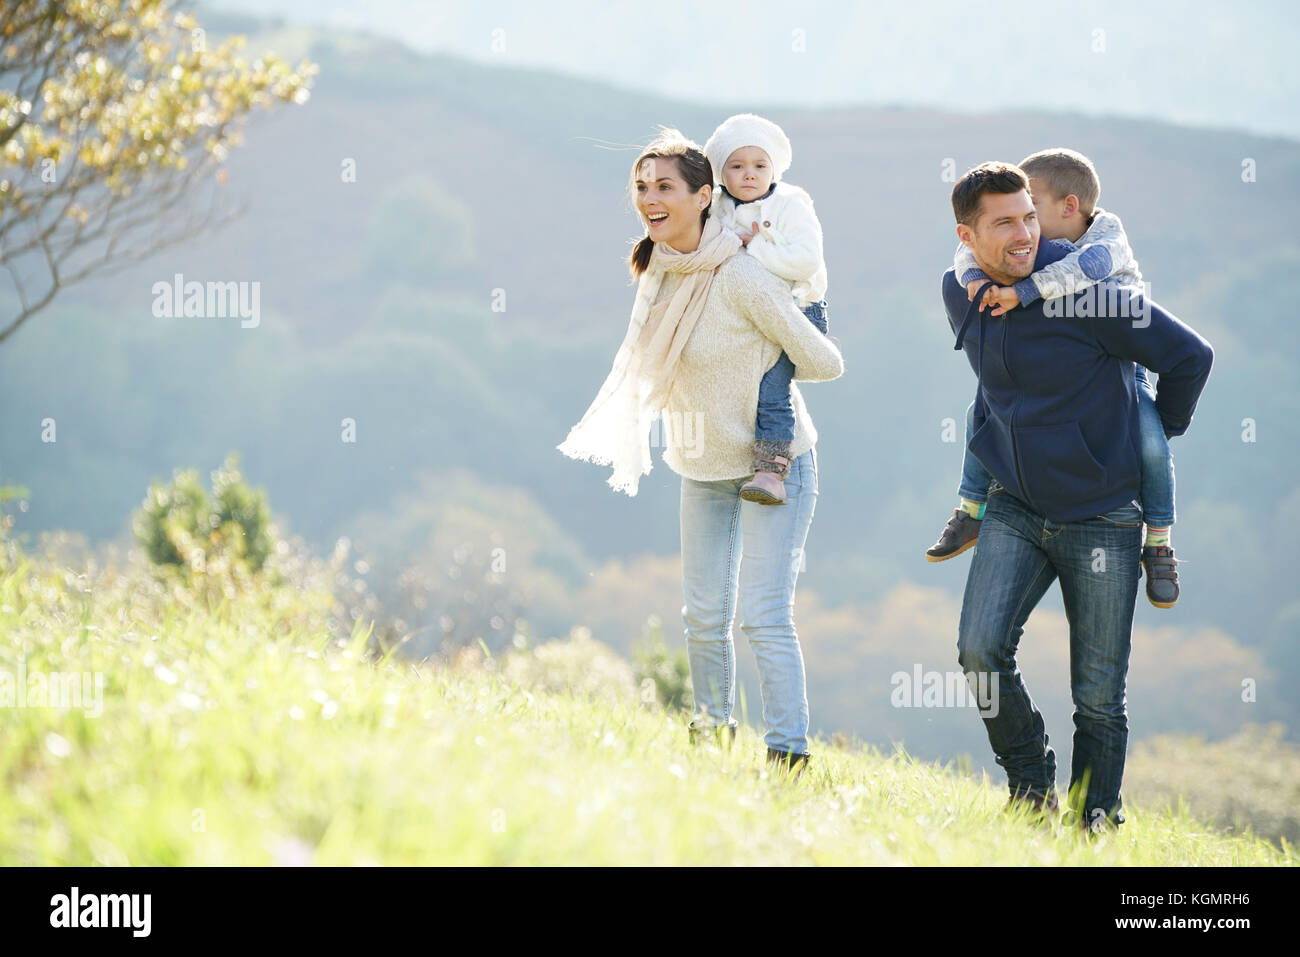 Familia feliz caminar en el campo a fin de semana otoñal Imagen De Stock